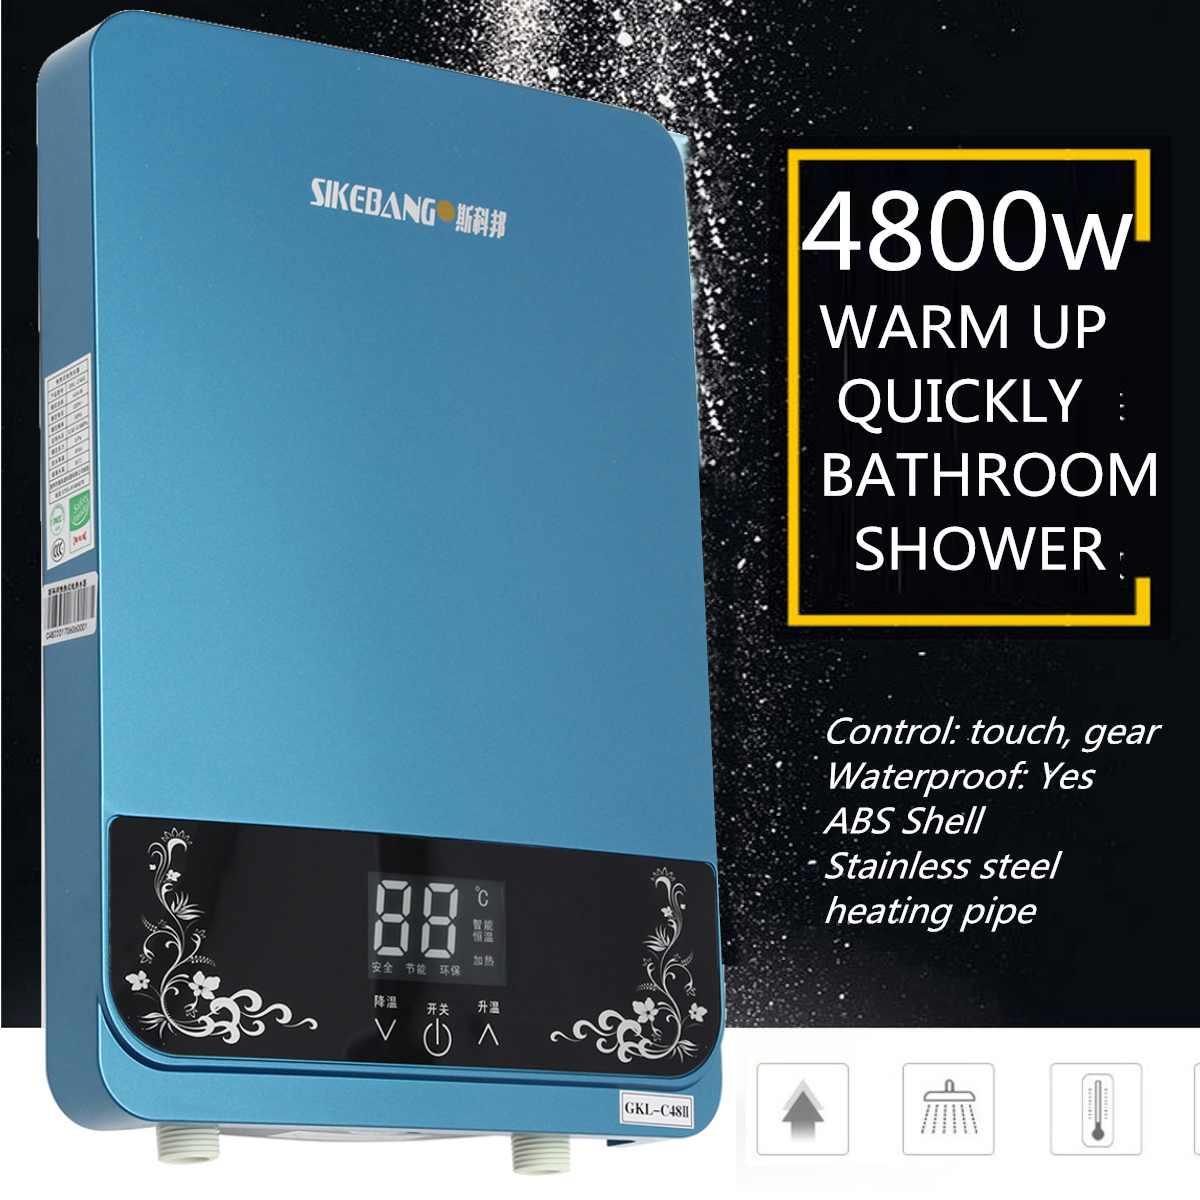 Calentador de agua eléctrico instantáneo 5500W calentador de agua eléctrico instantáneo ducha calentador de agua cocina baño calentador de agua - 2